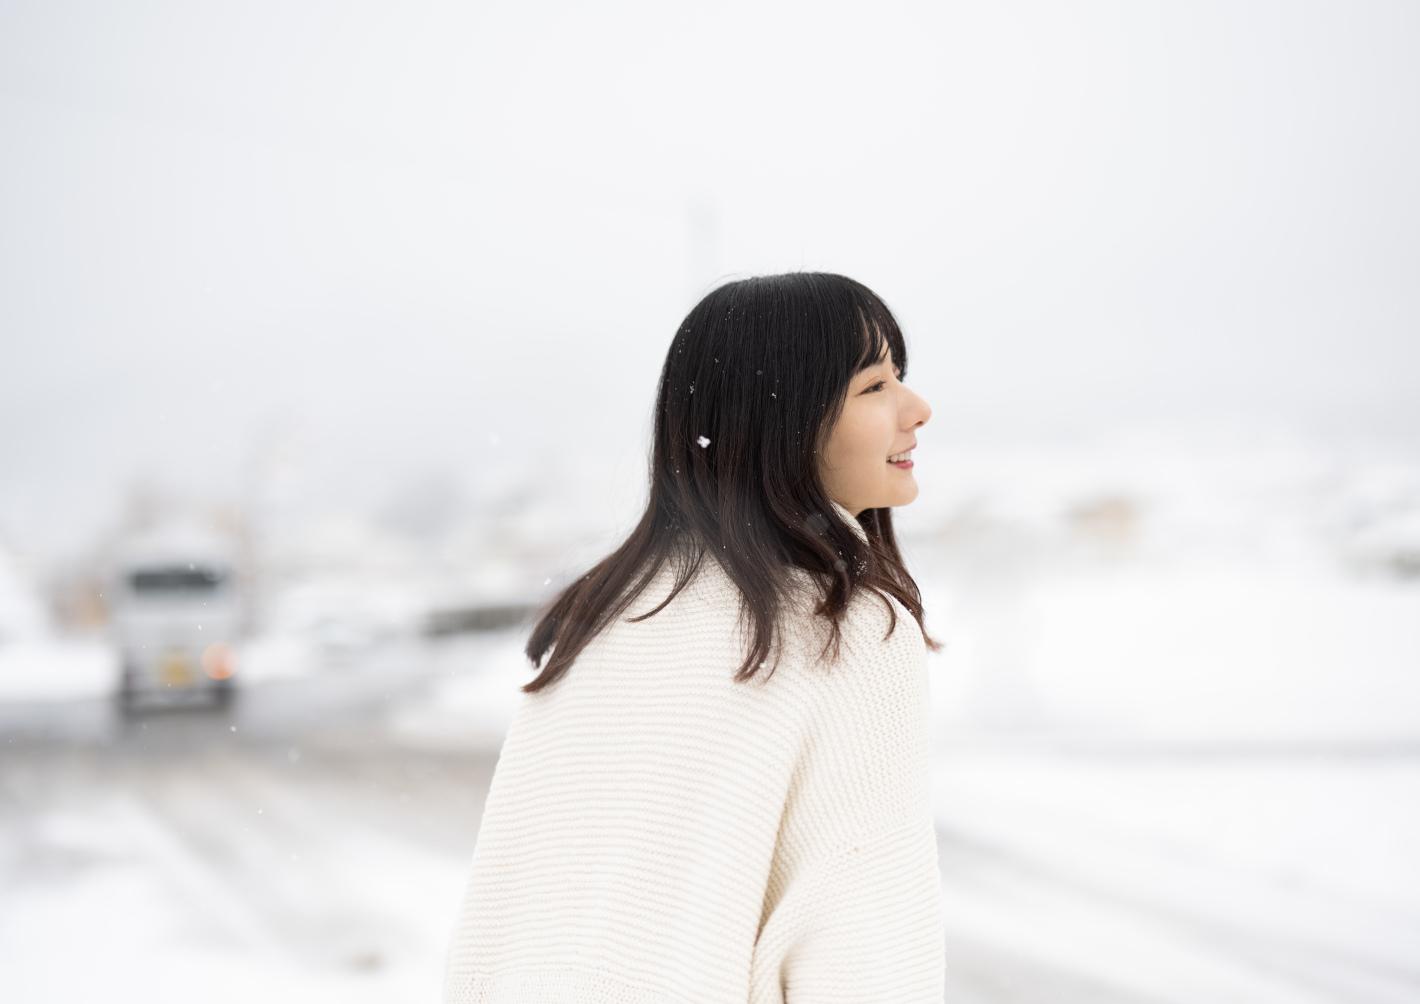 雪ポートレート撮影の基本と表現のコツ – 雪が創る別世界で物語のある写真を撮ろう!